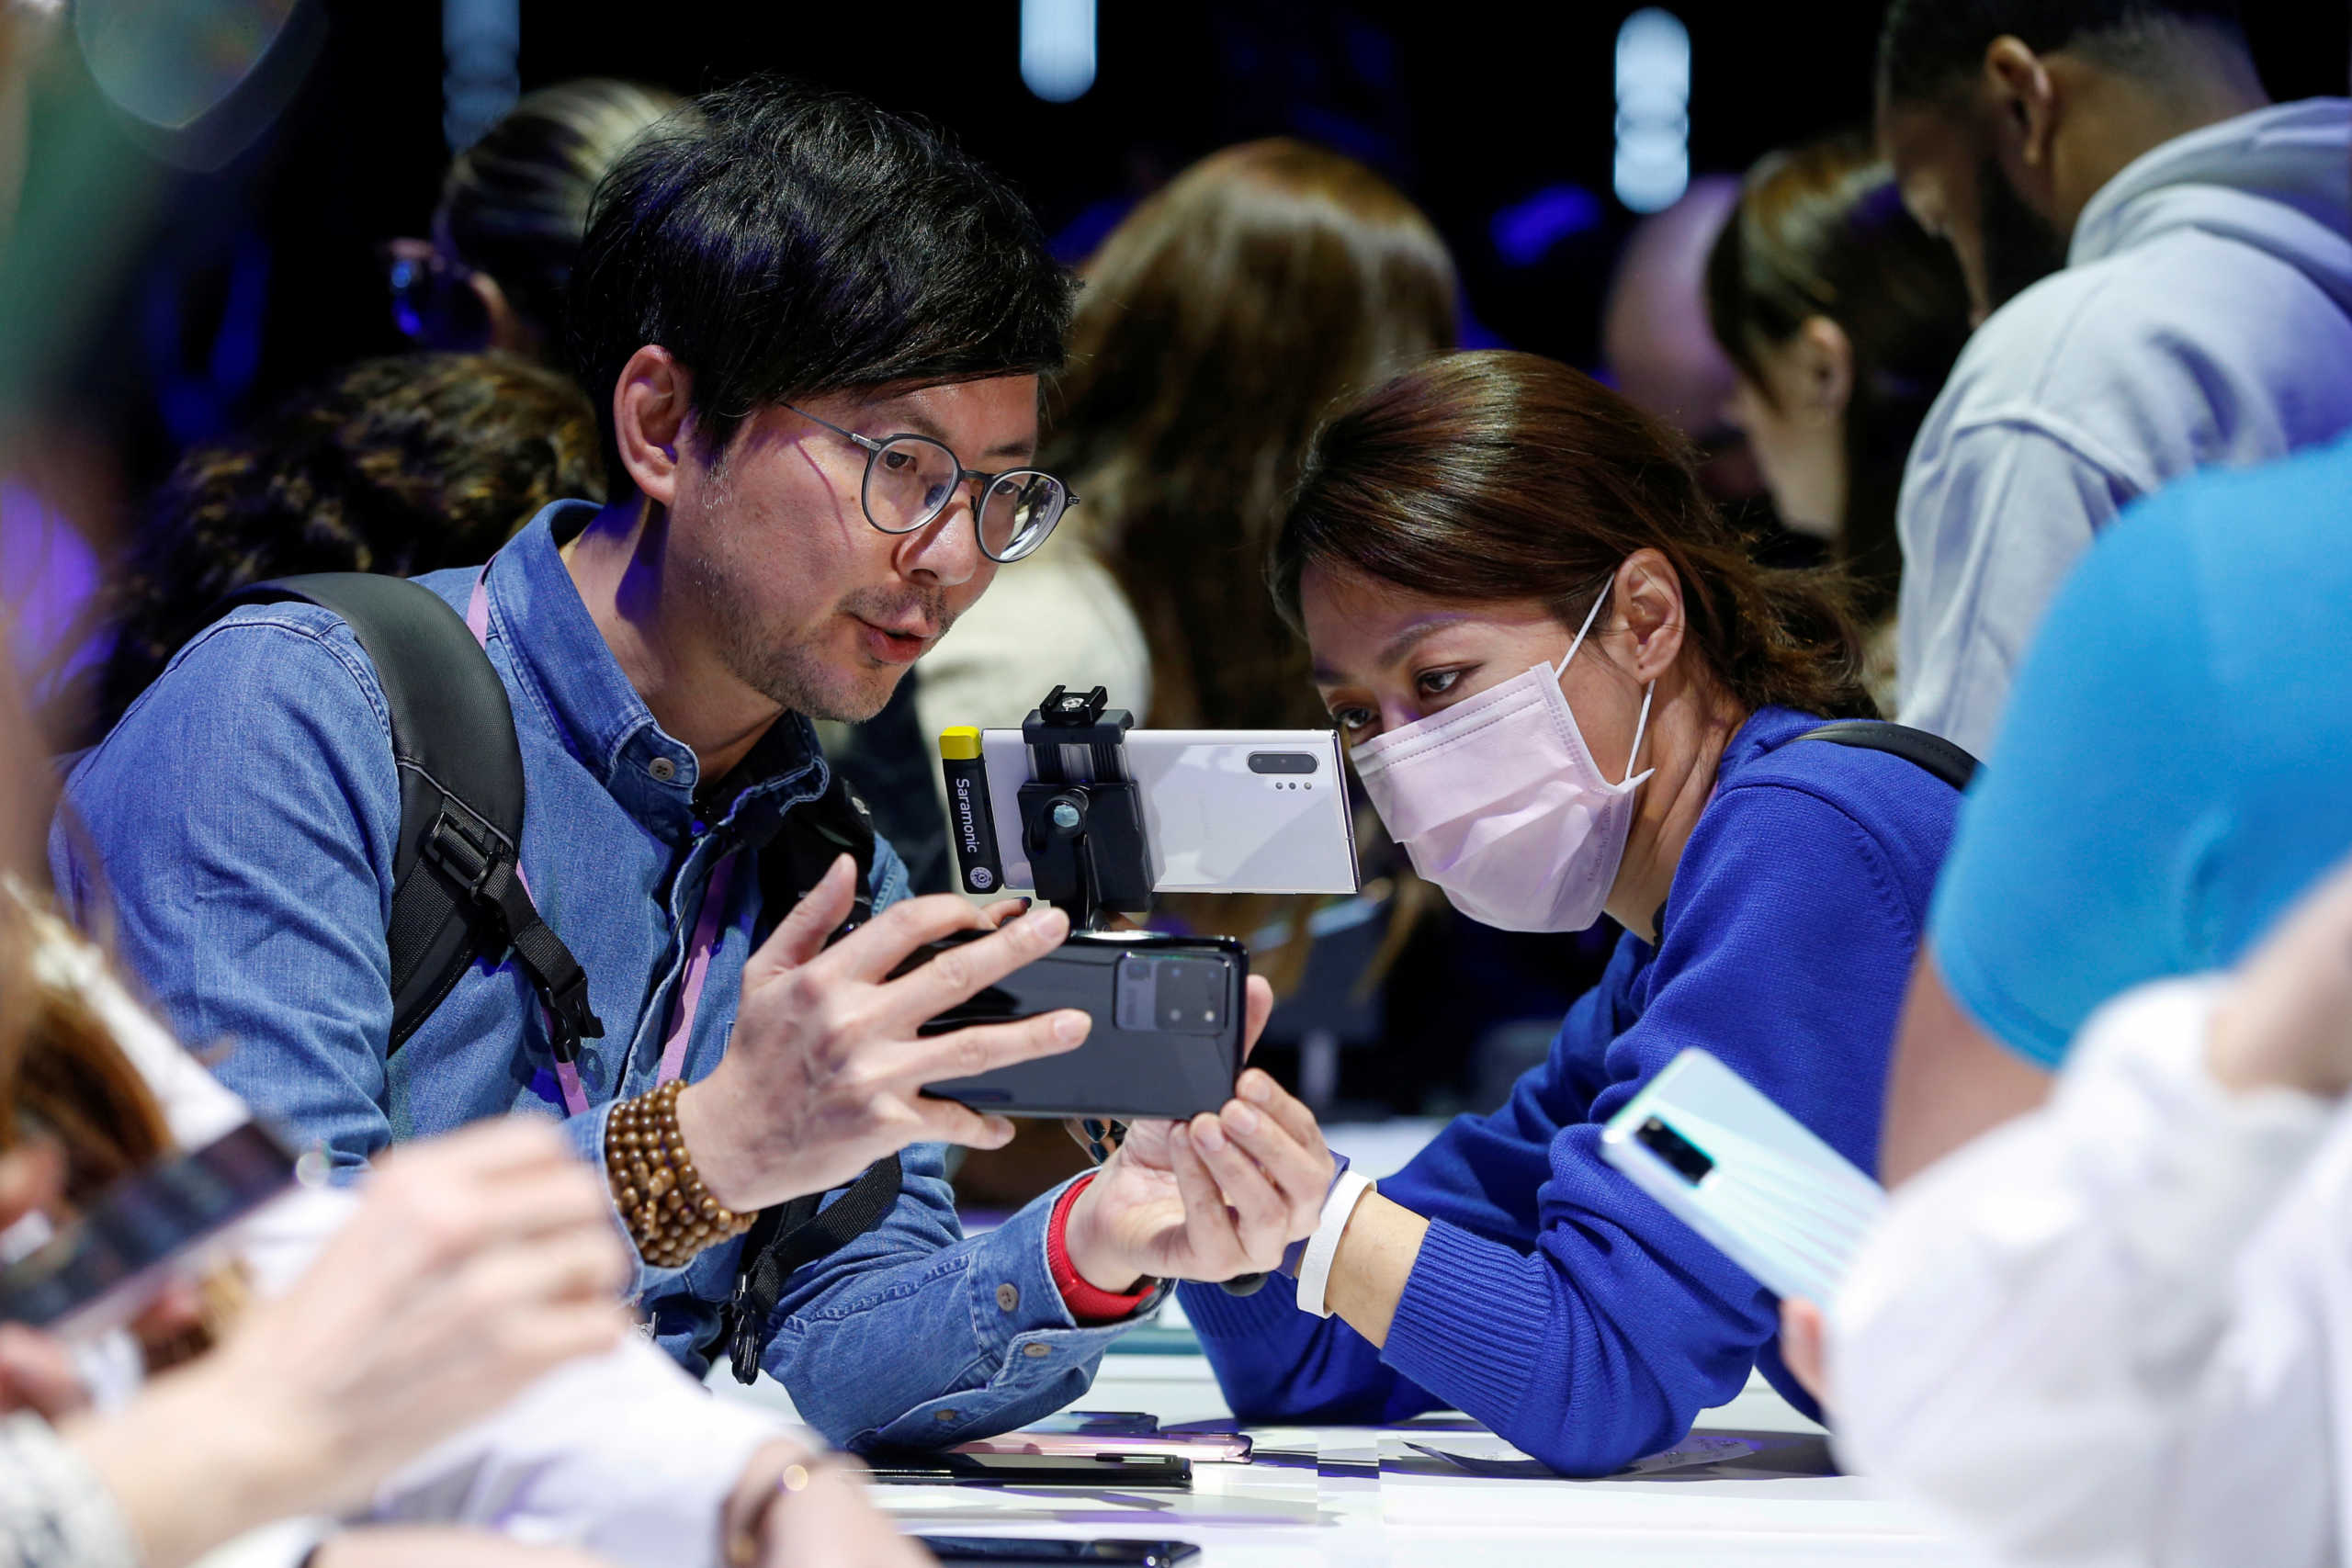 Προσοχή! Πώς πρέπει να καθαρίζουμε κινητά και laptop - «Μην τα δίνετε σε άλλους»